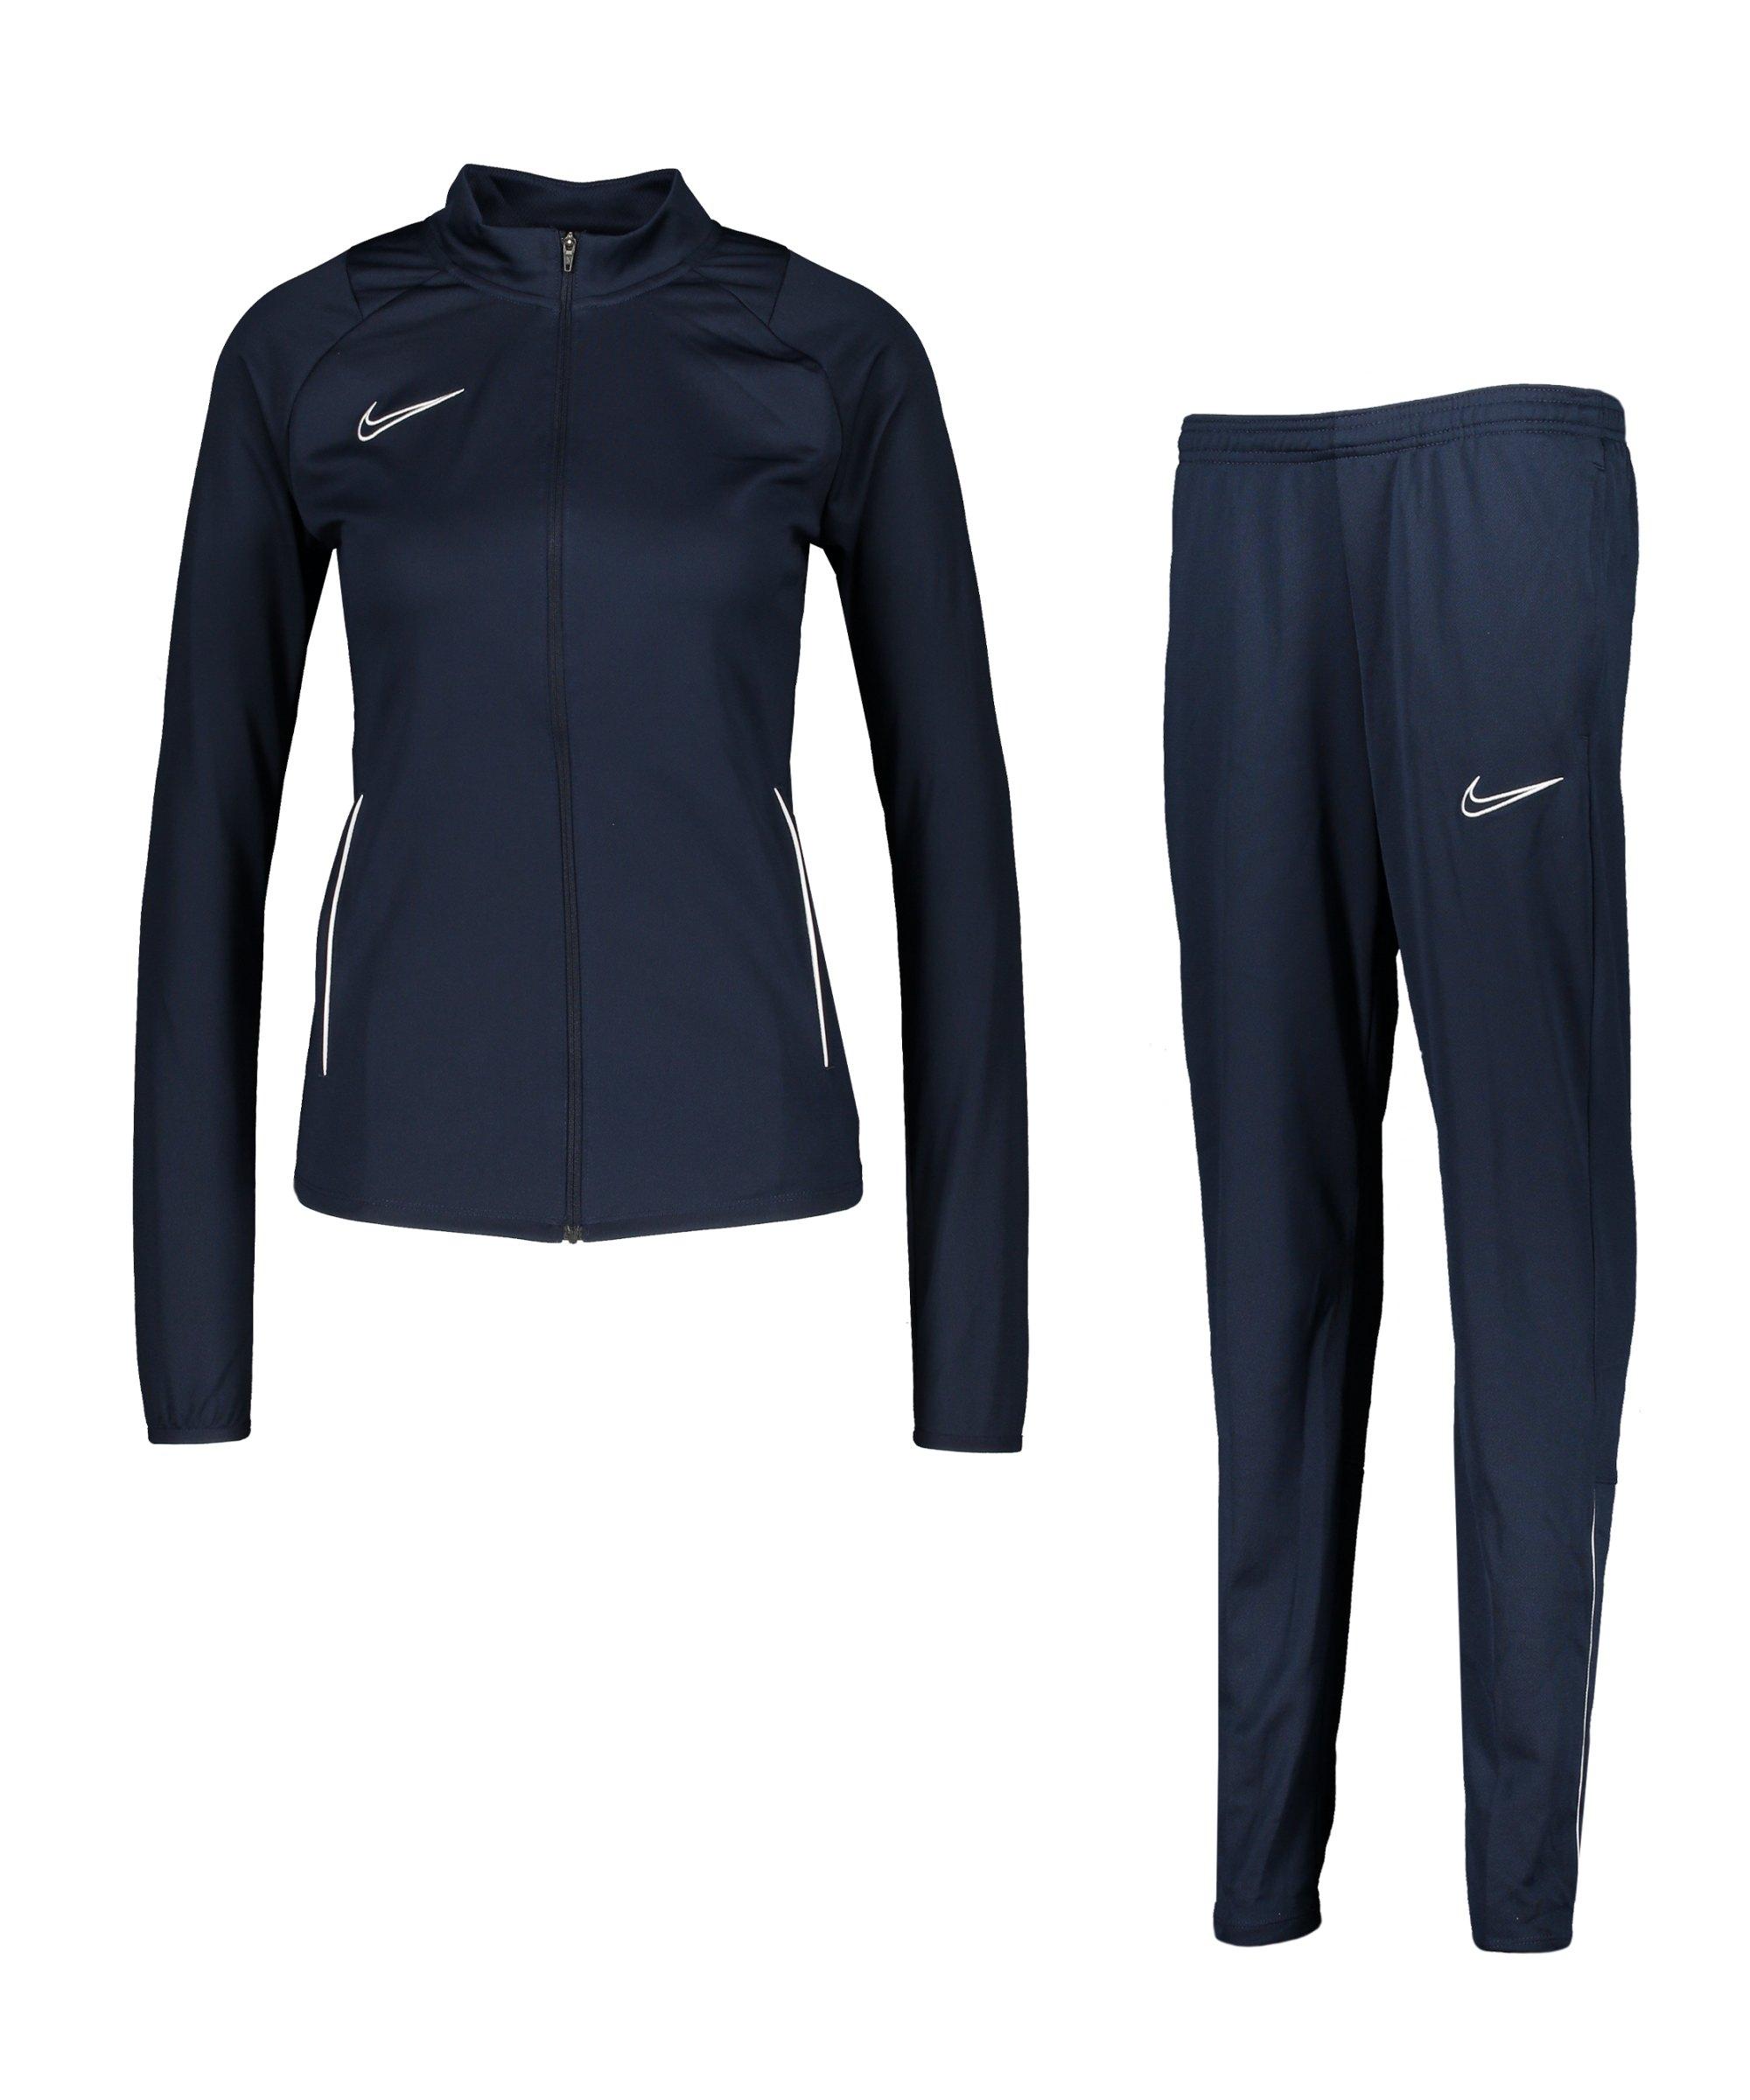 Nike Academy 21 Trainingsanzug Damen F451 - blau